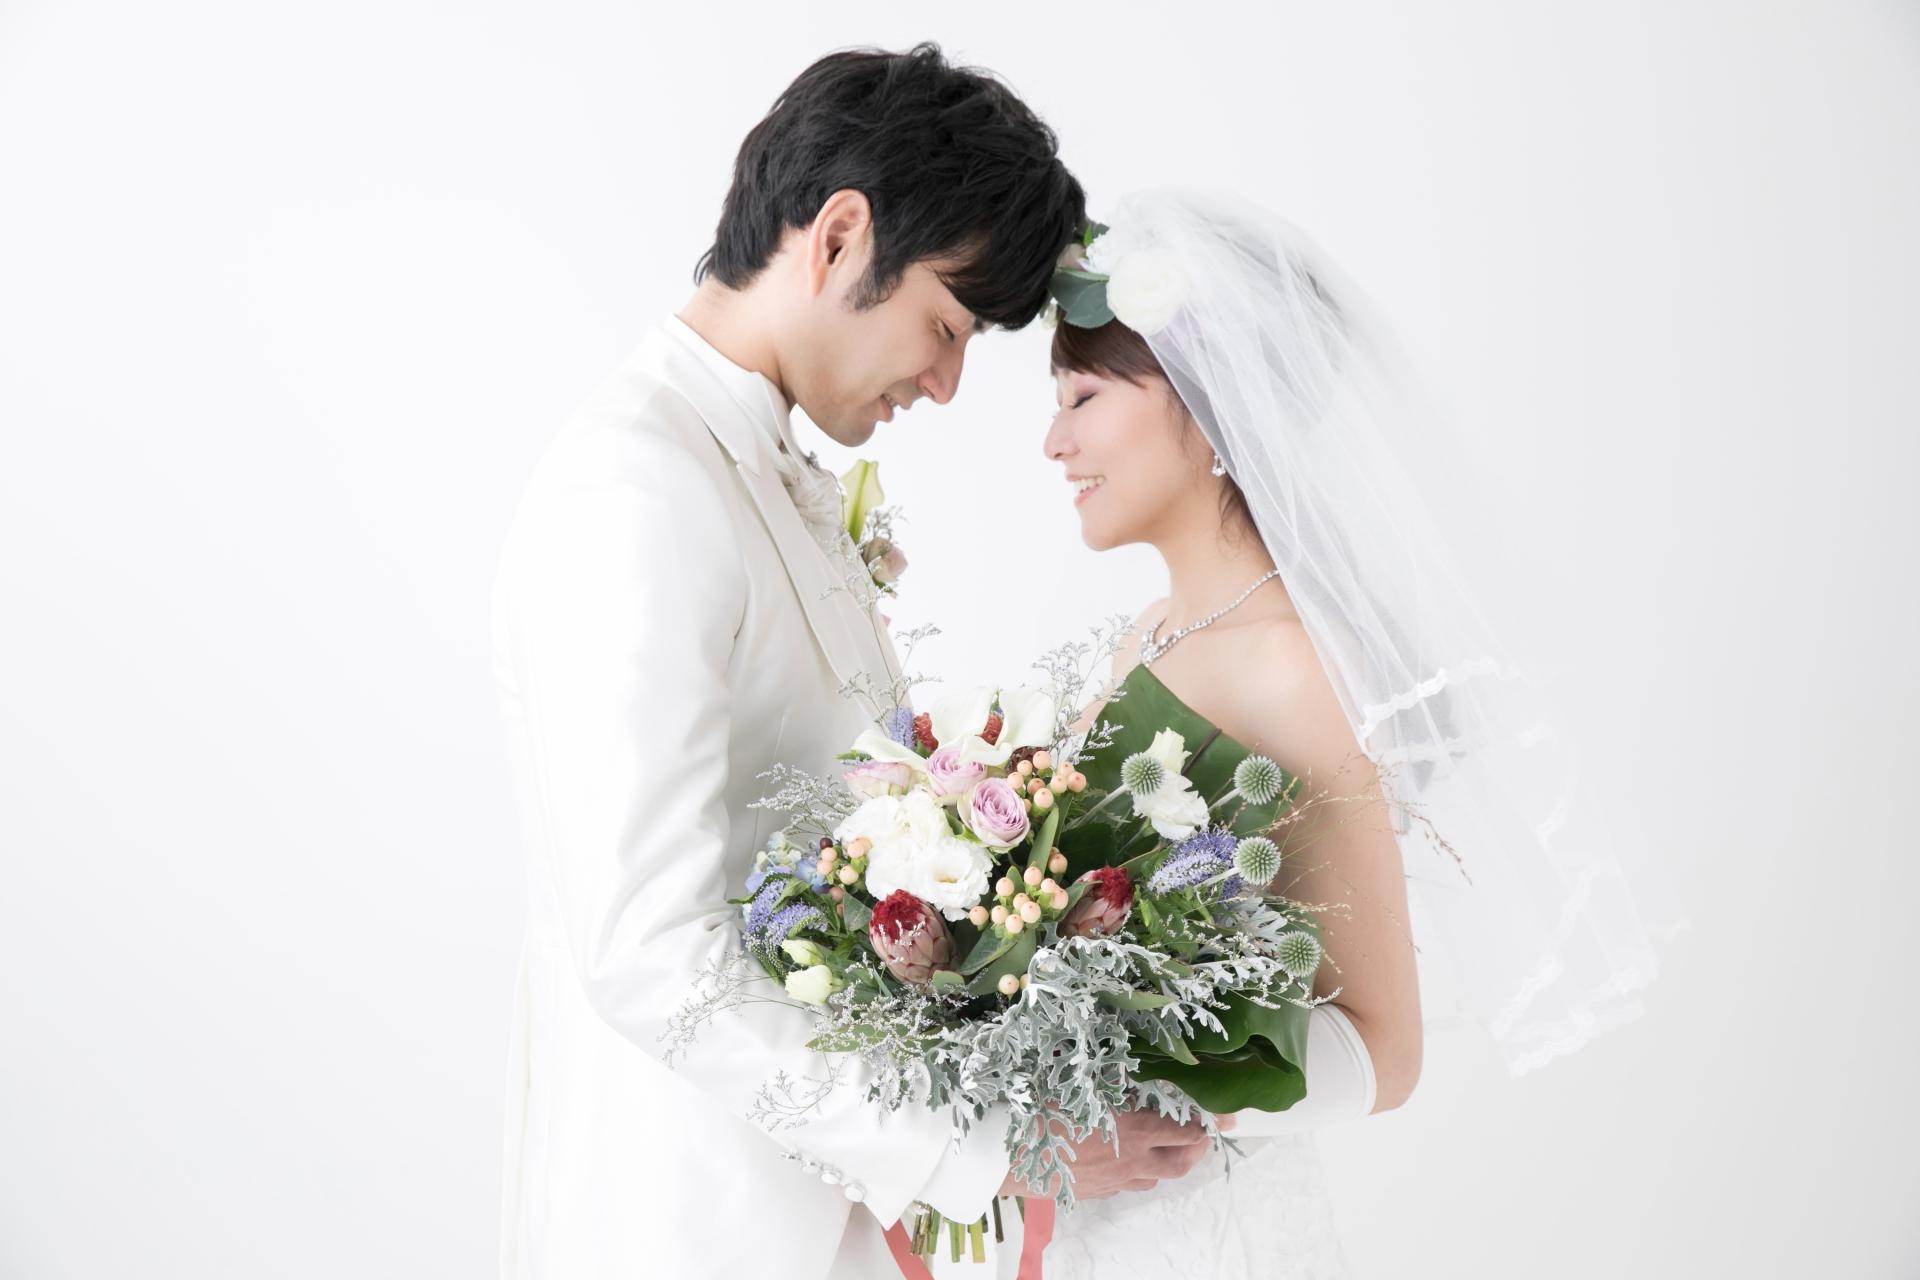 結婚相談所 東京 体験談